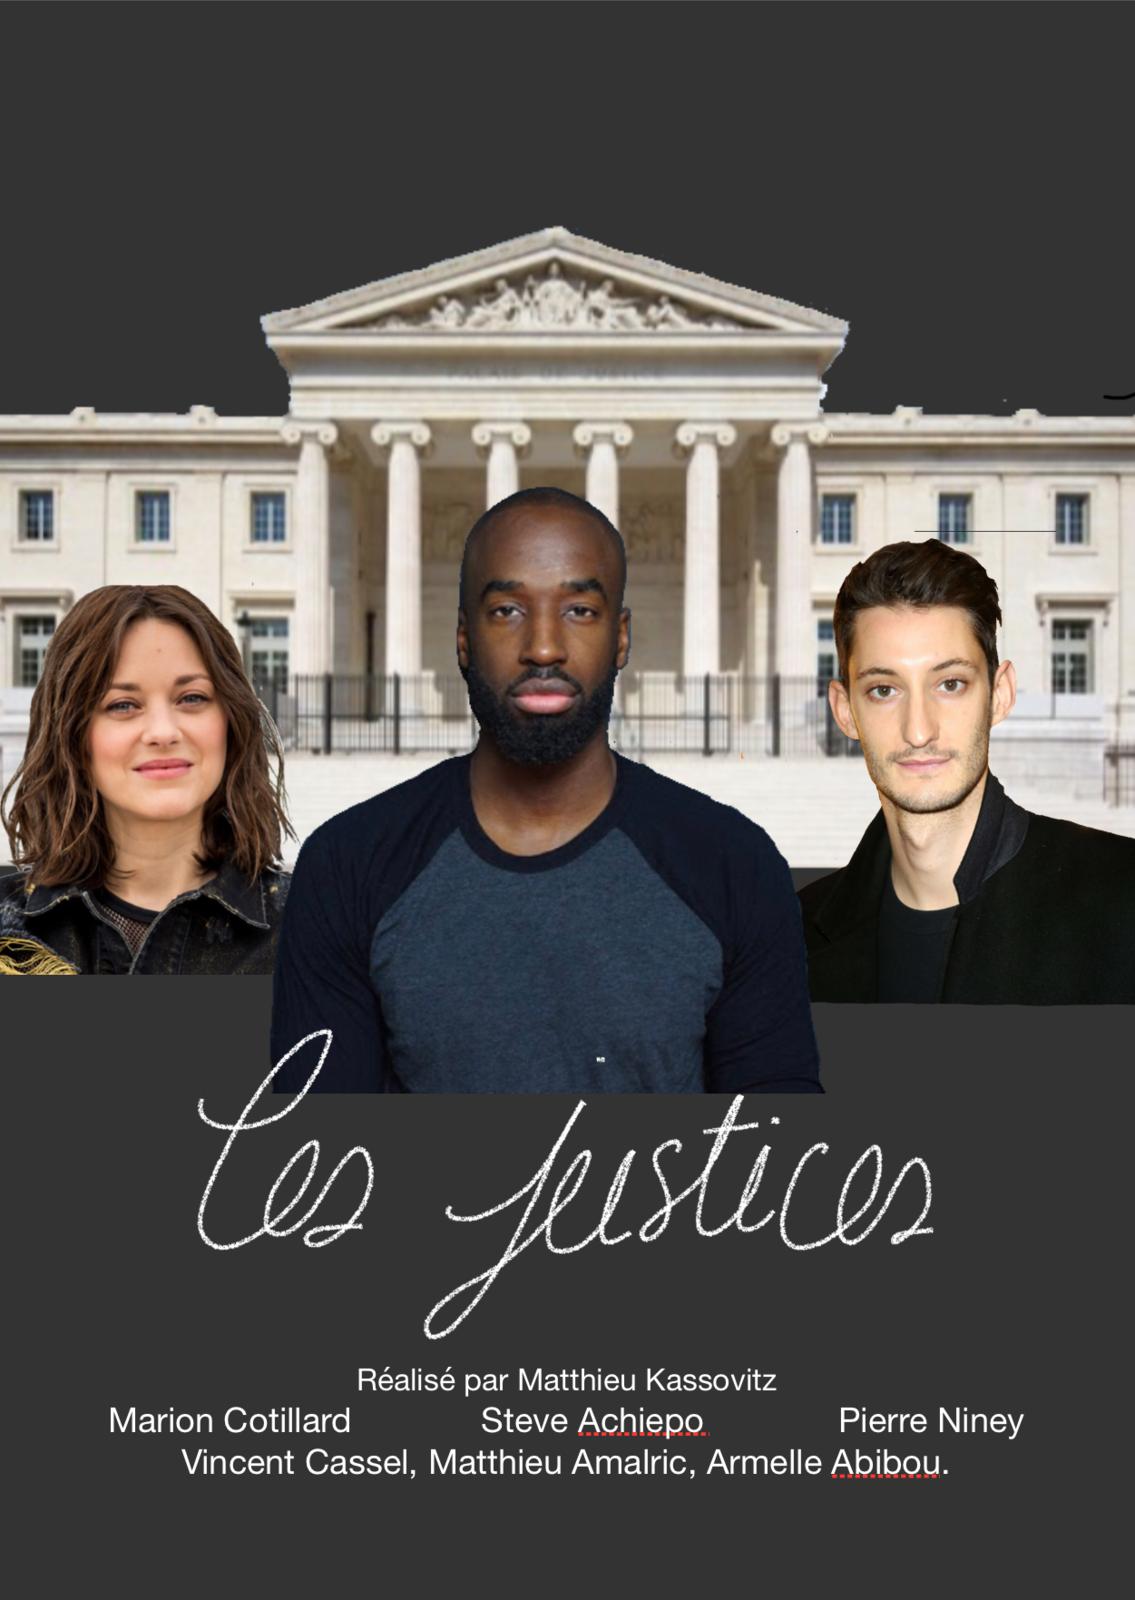 Les justices